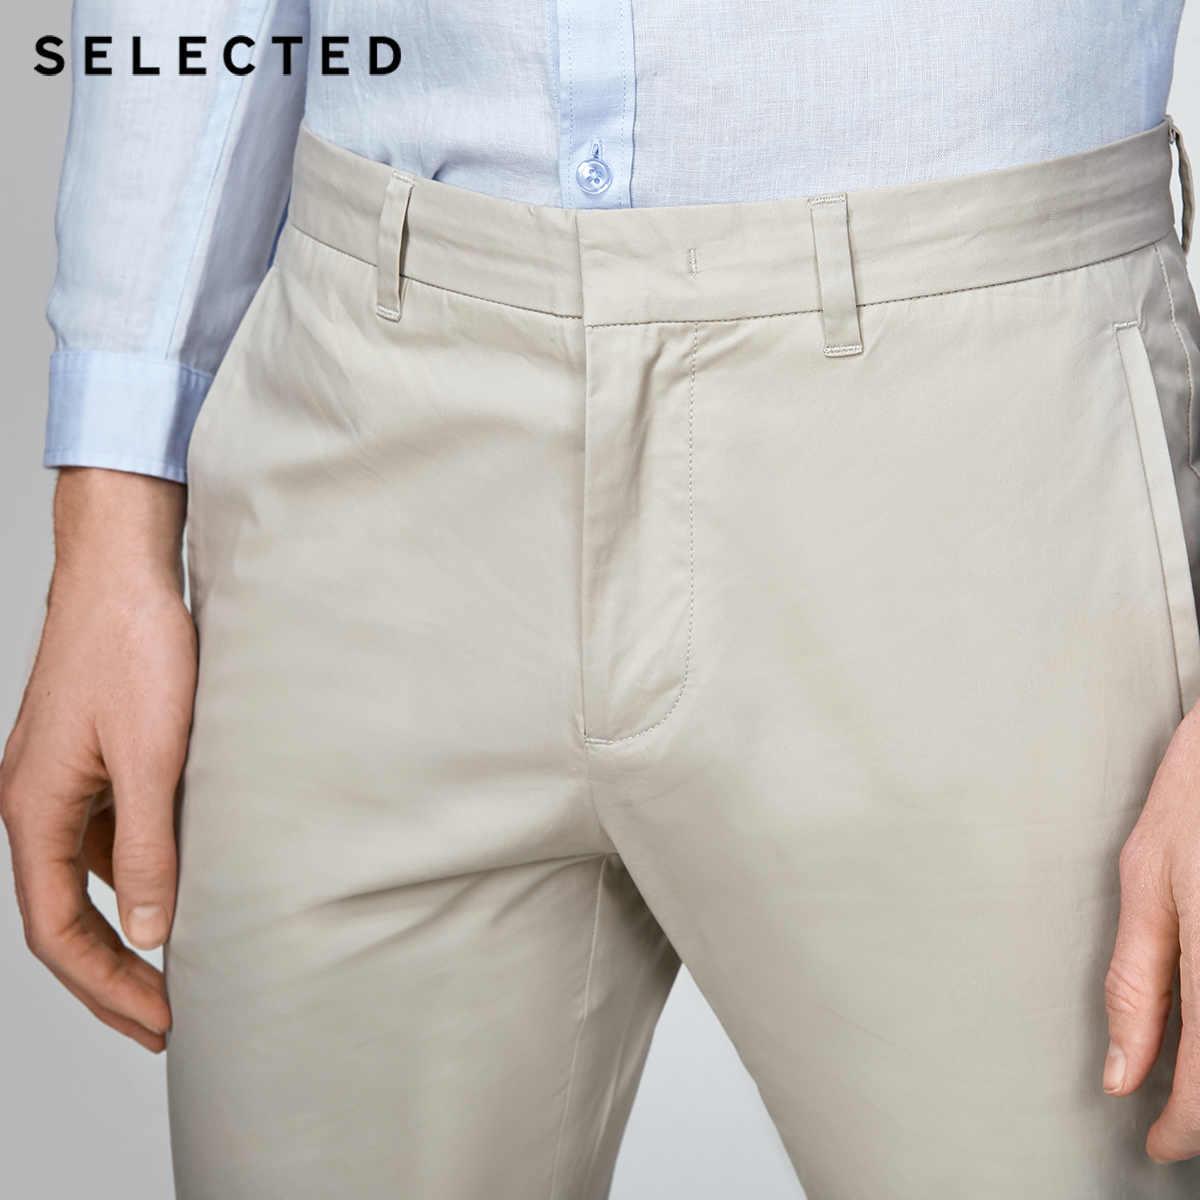 נבחר כותנה עסקי פנאי ישר-רגל ארוך מכנסיים S | 4182W2511